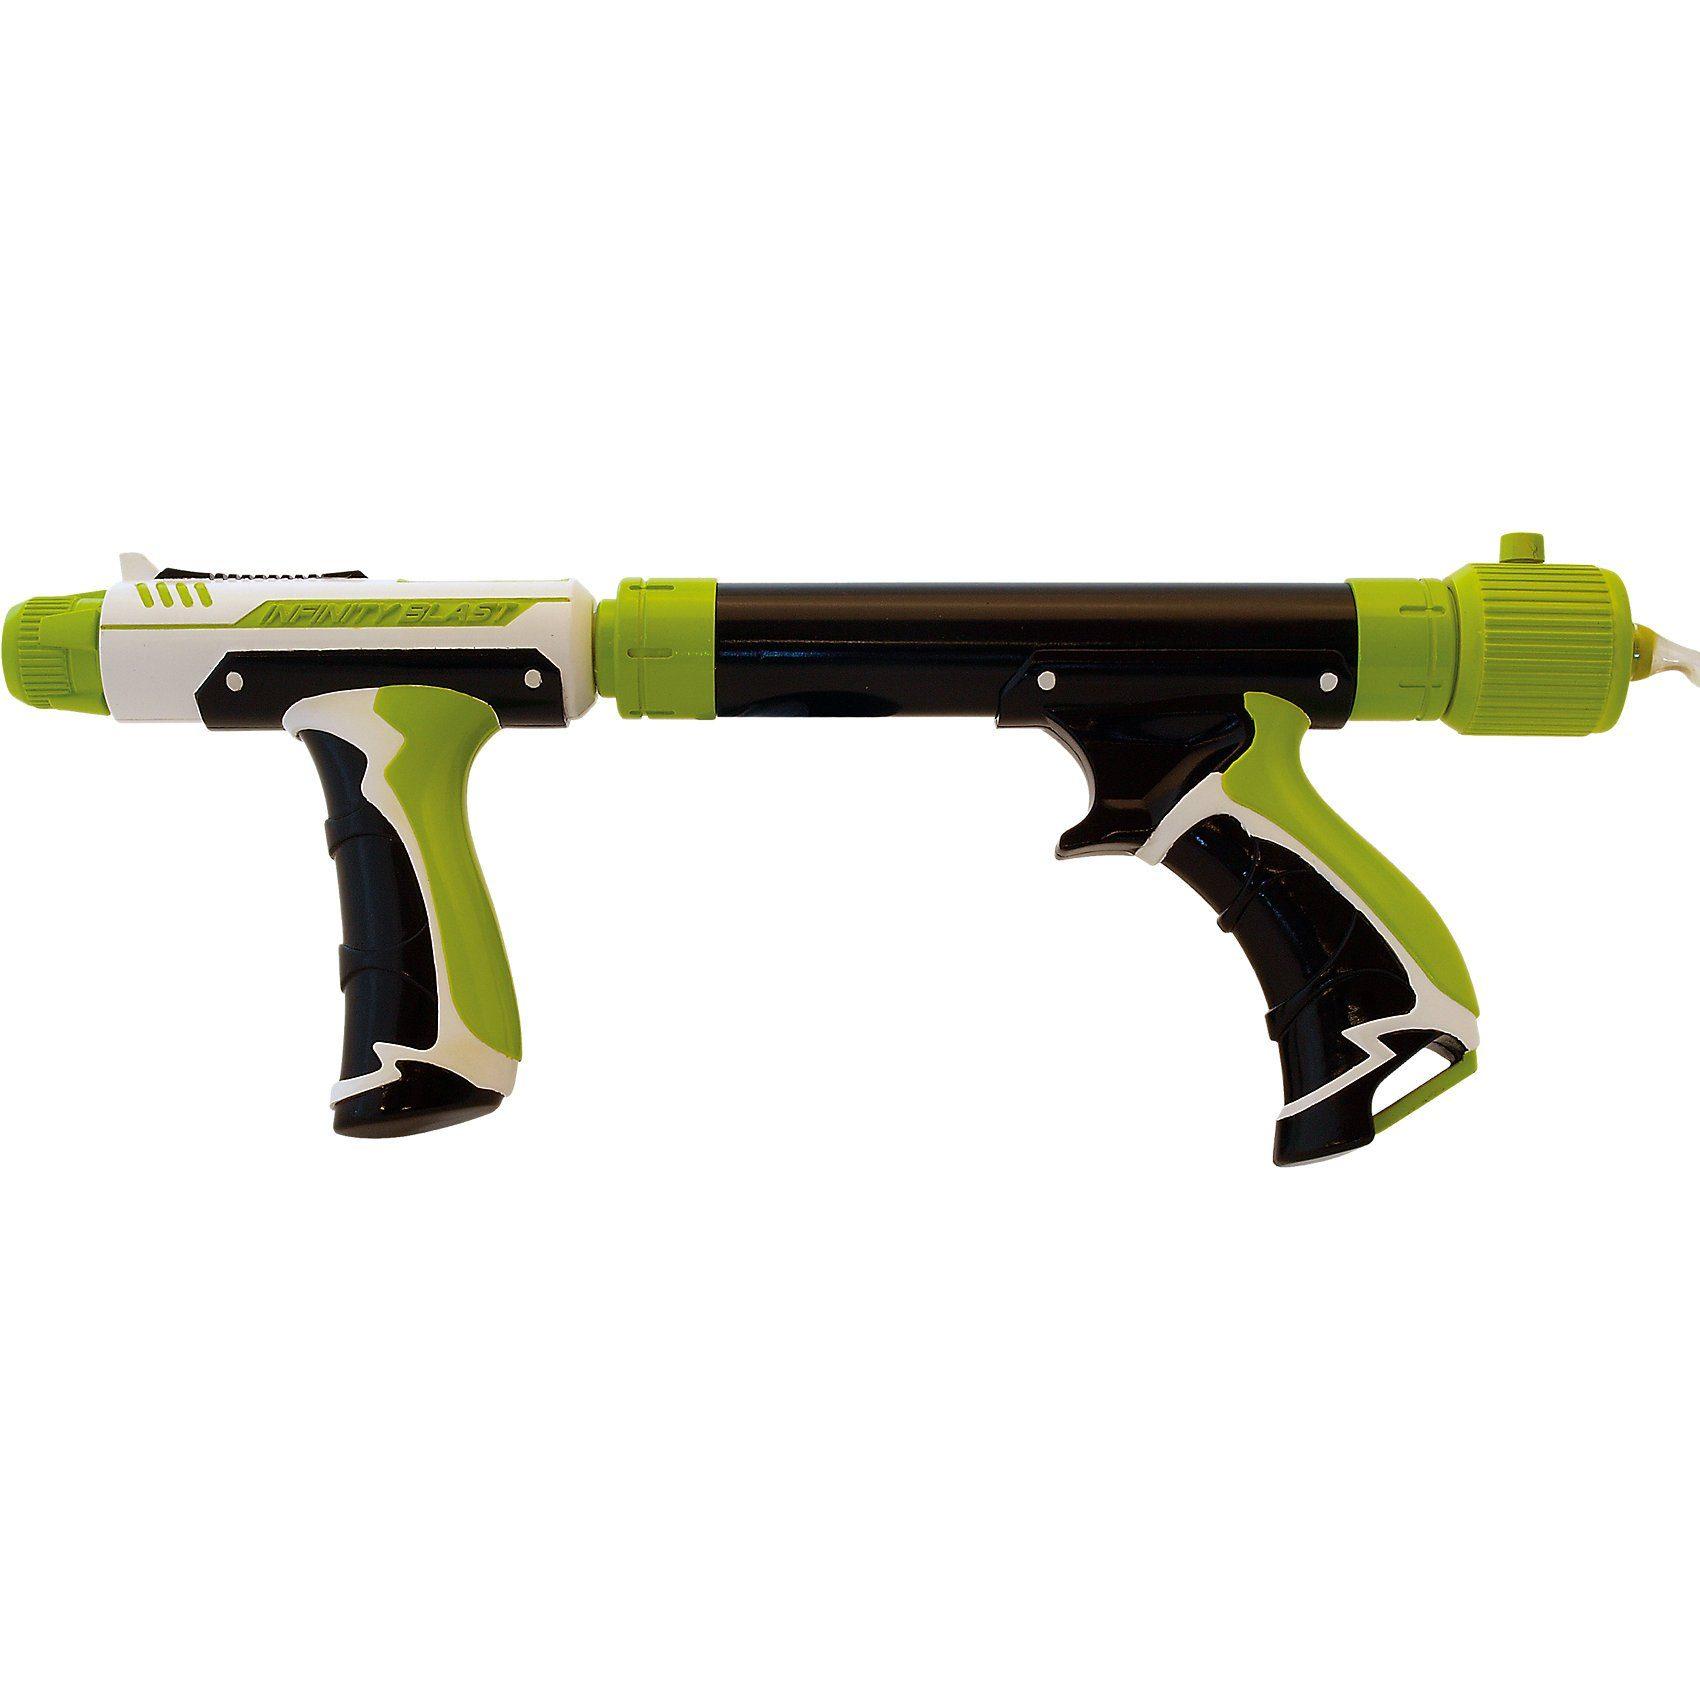 Beluga Hydro Force - Infinity Blaster